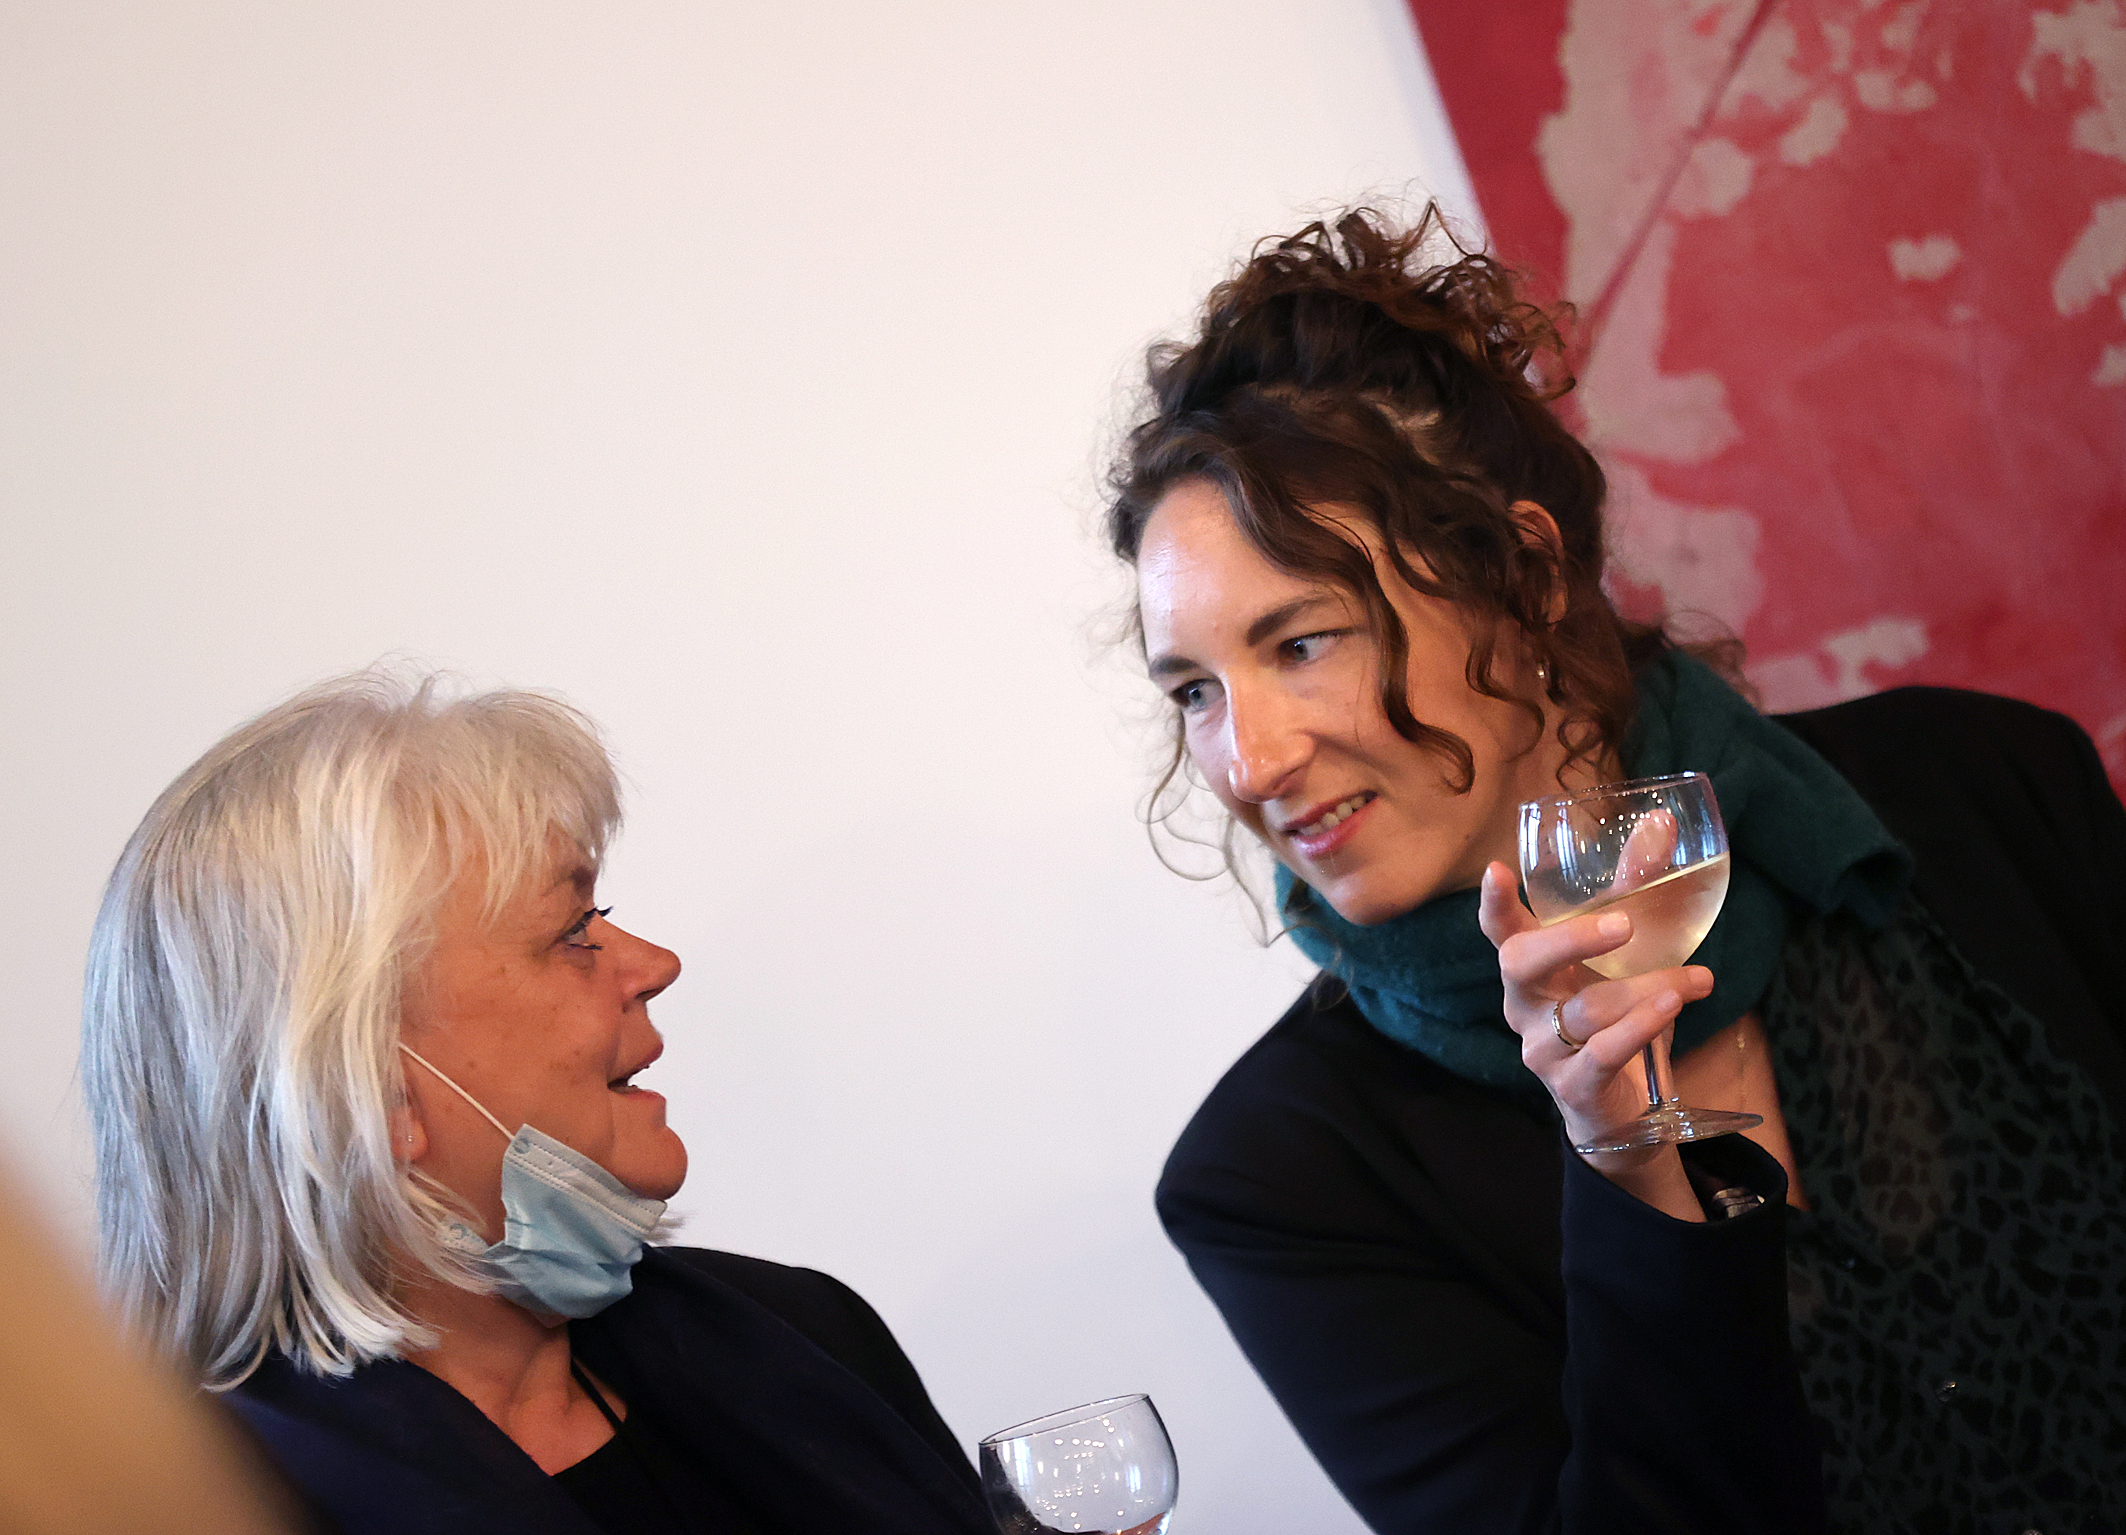 29.08.2021 Empfang aus Flensburg Sonja Reese-Brauers und Celestine Hassenfratz